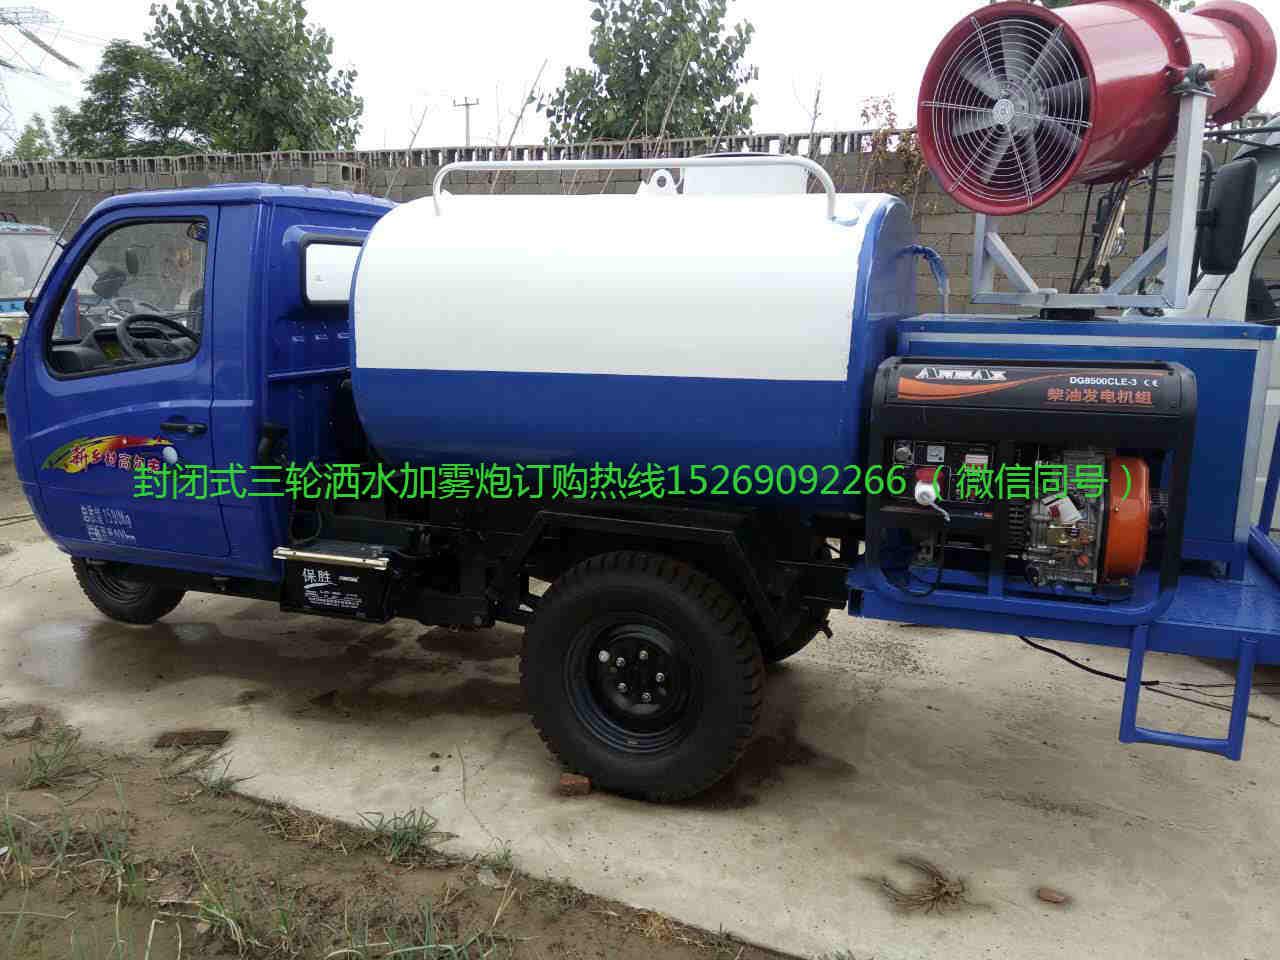 浙江省小型三轮吸粪加洒水两用车多少钱一辆15269092266